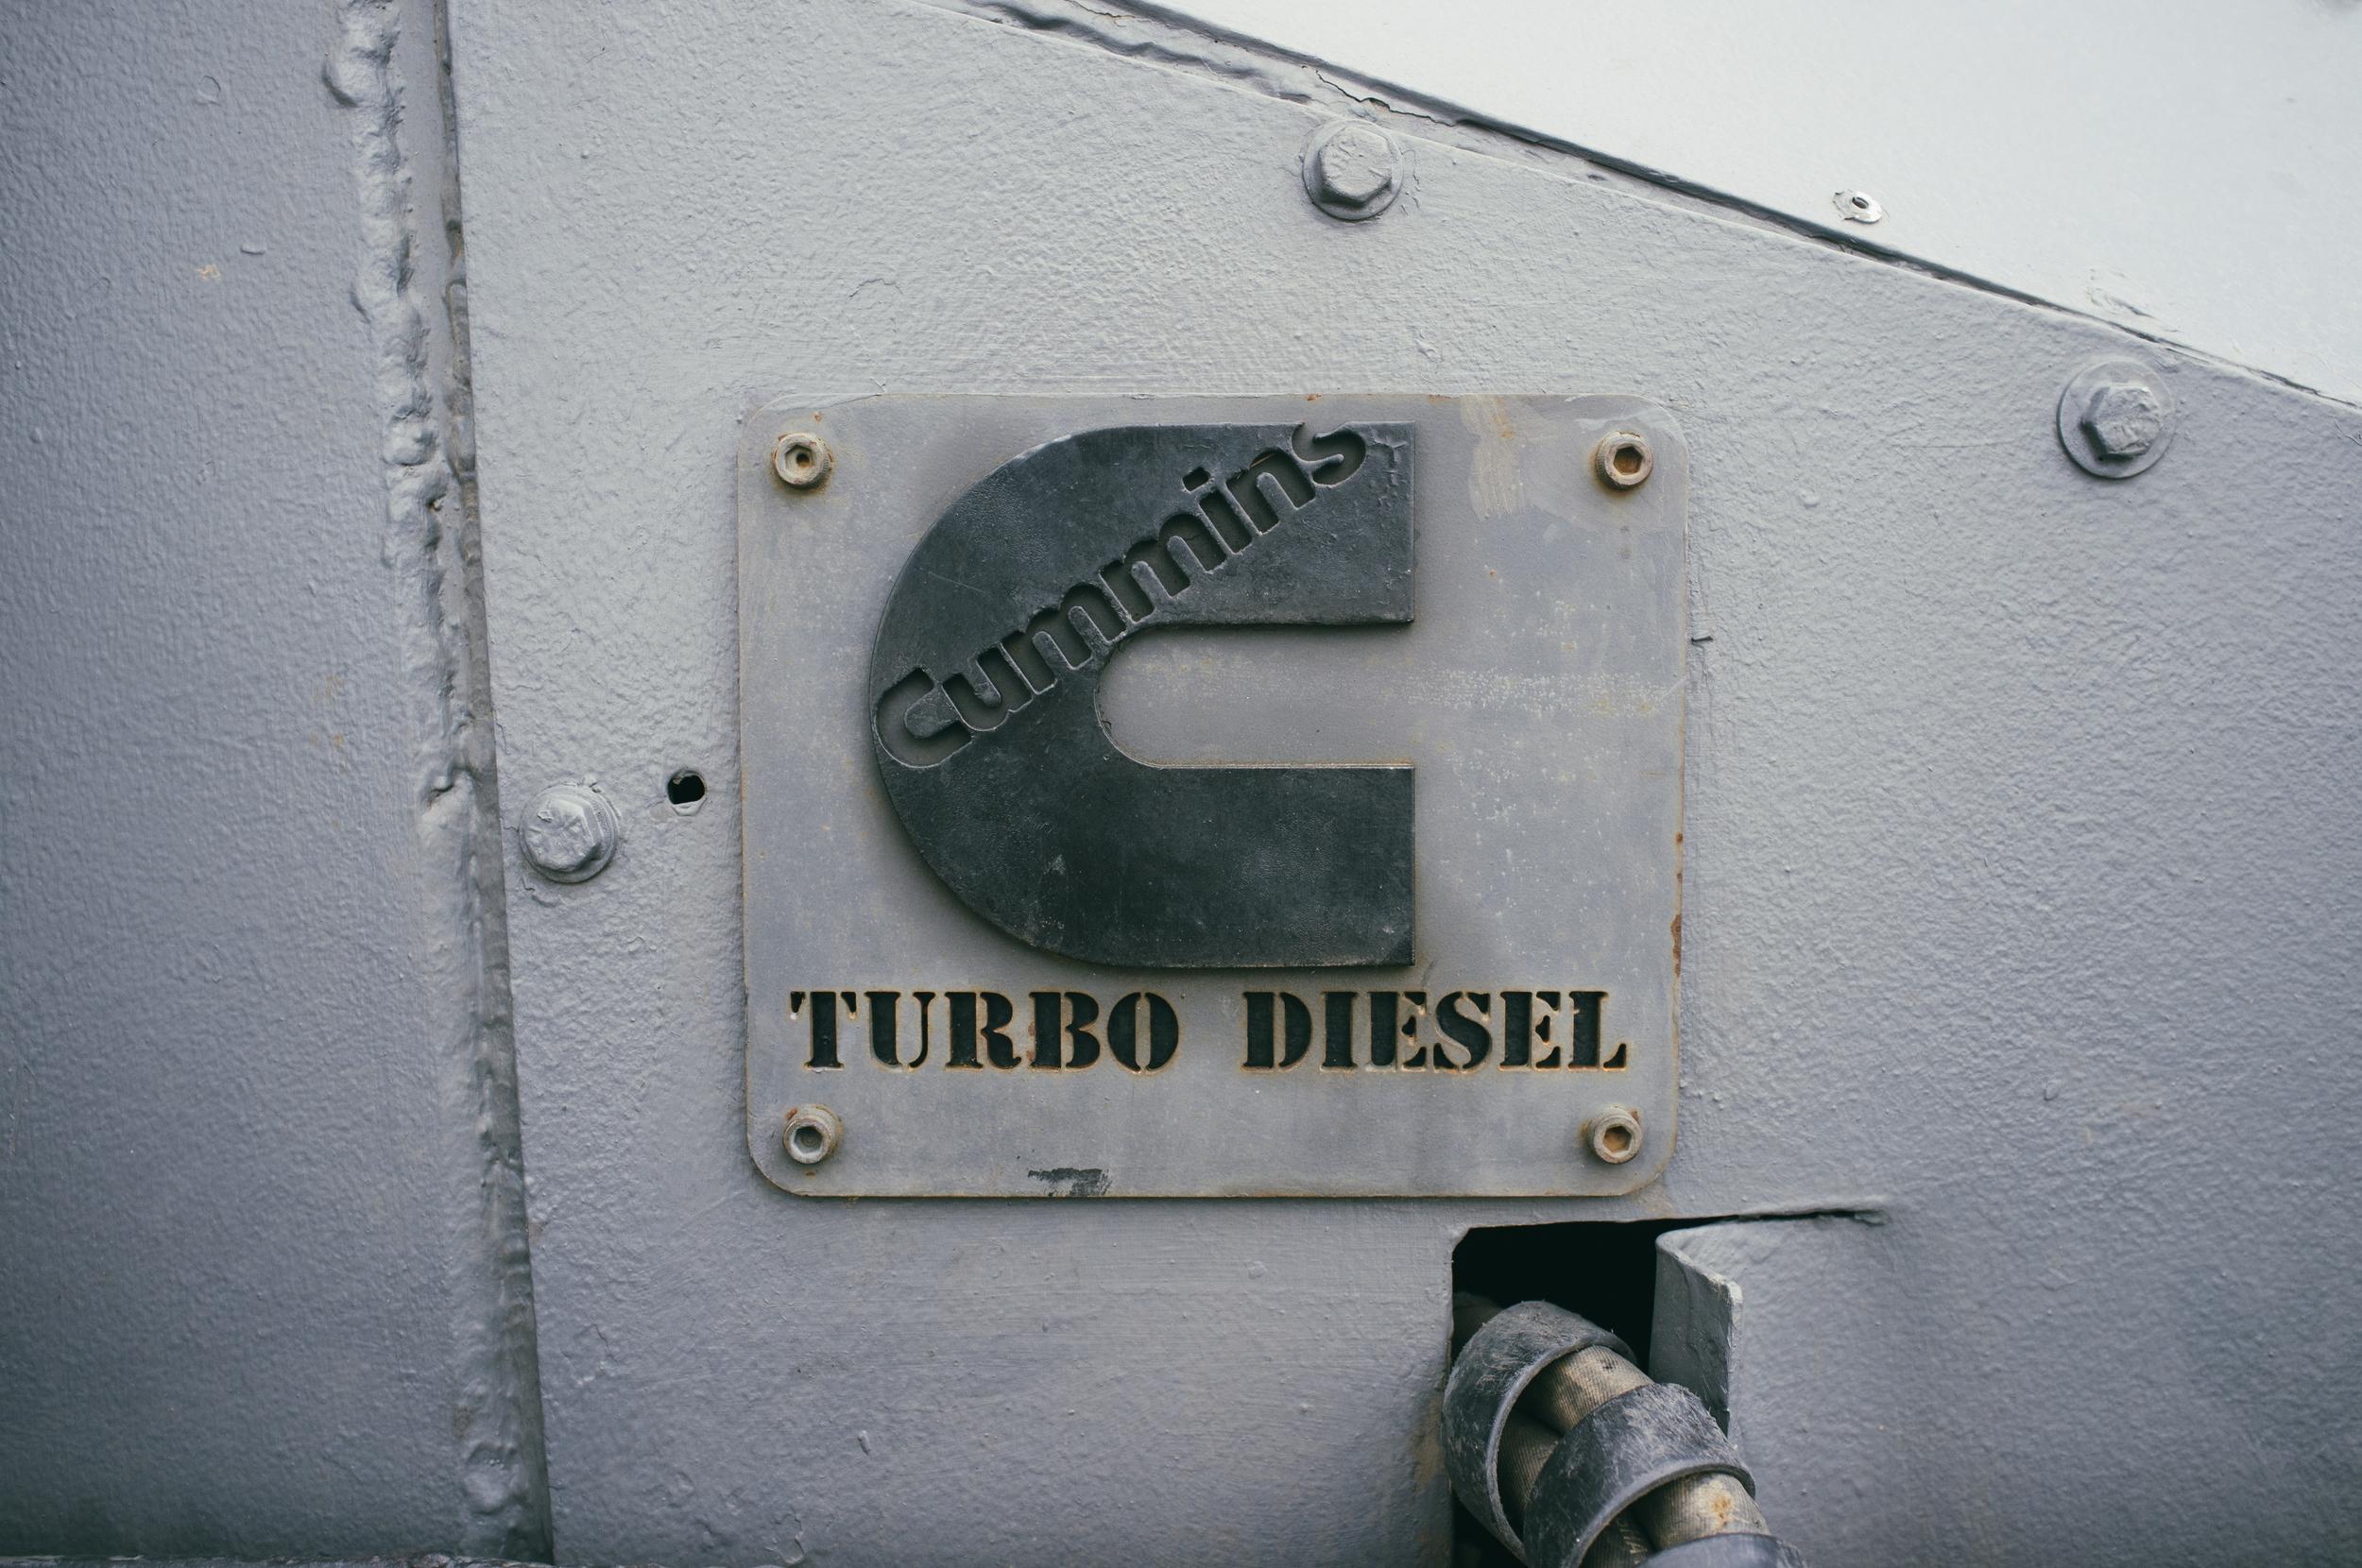 Cummins Turbo Diesel.jpg